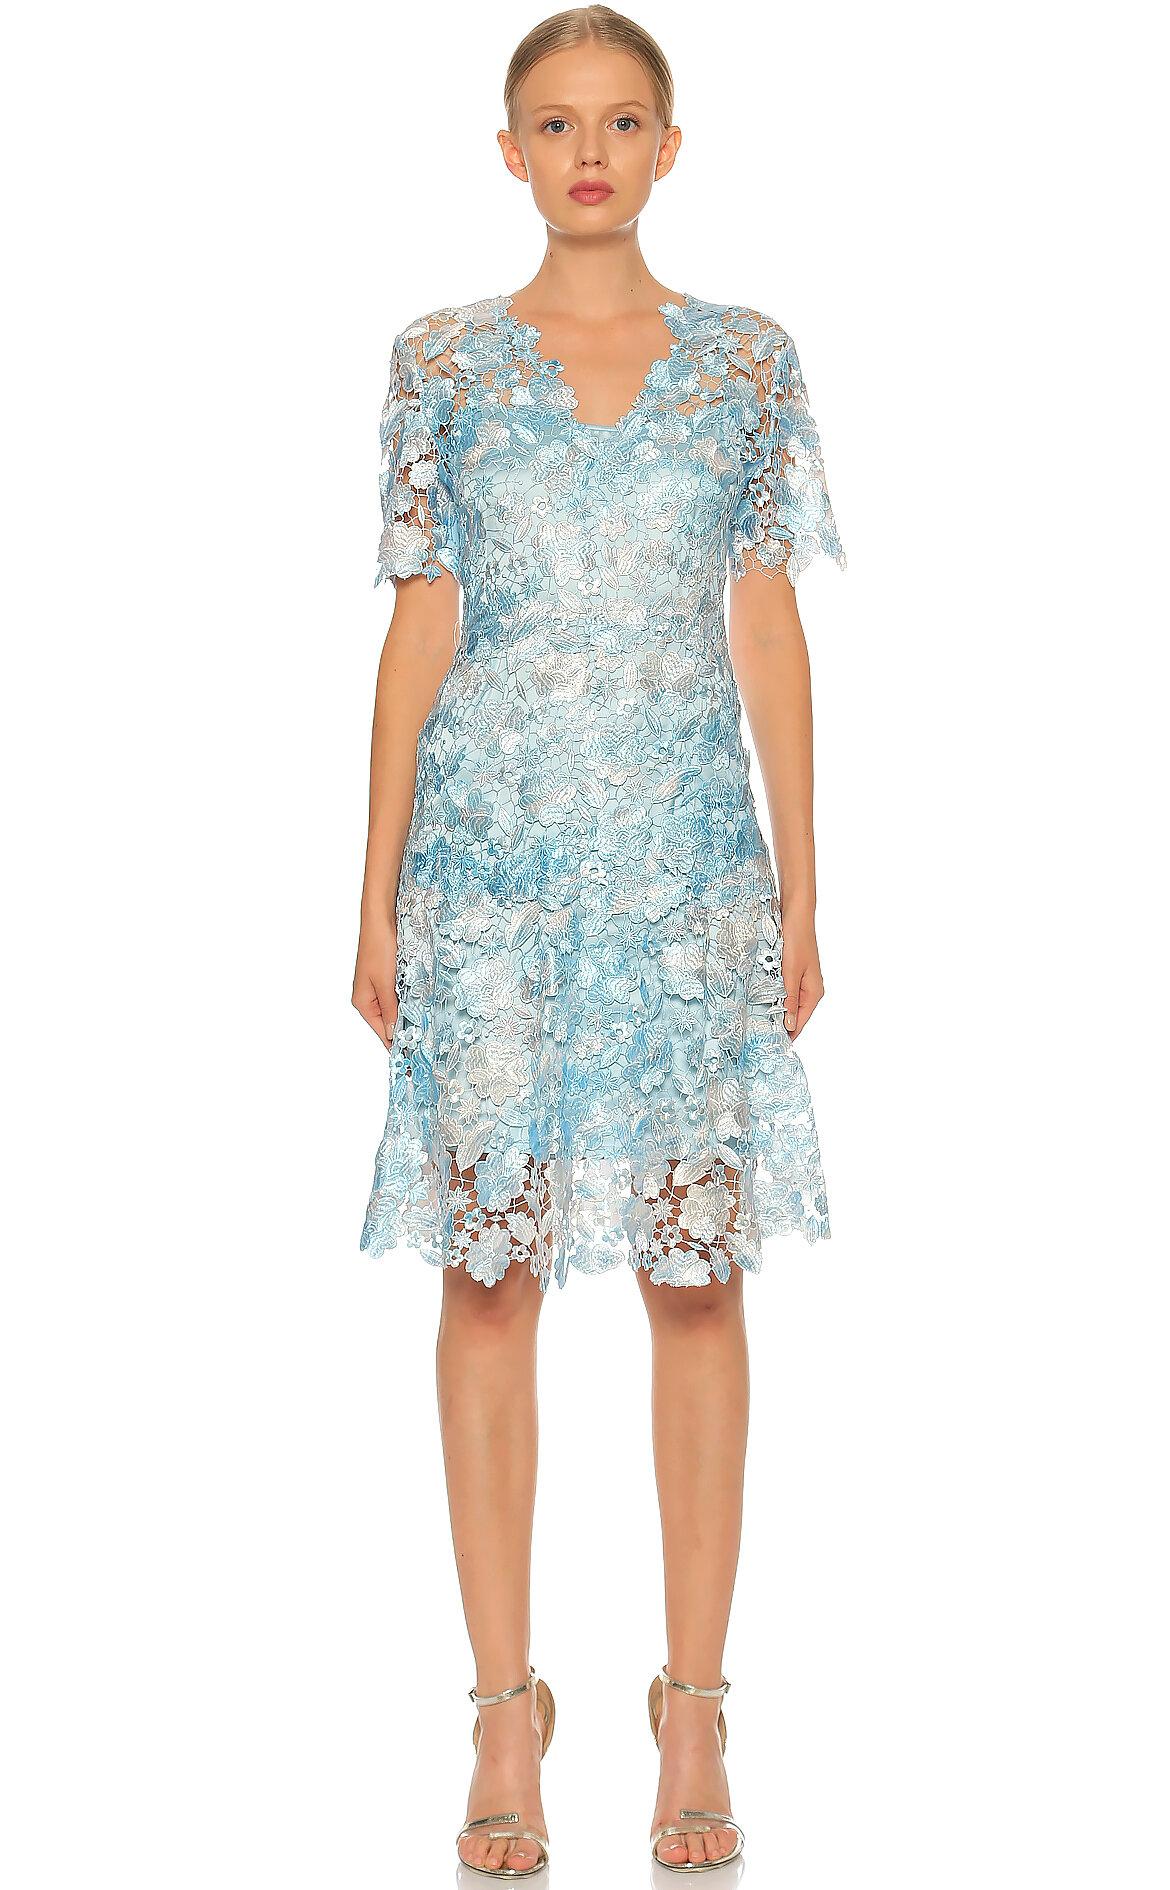 Elie Tahari-Elie Tahari Dantel Detaylı Mavi Elbise